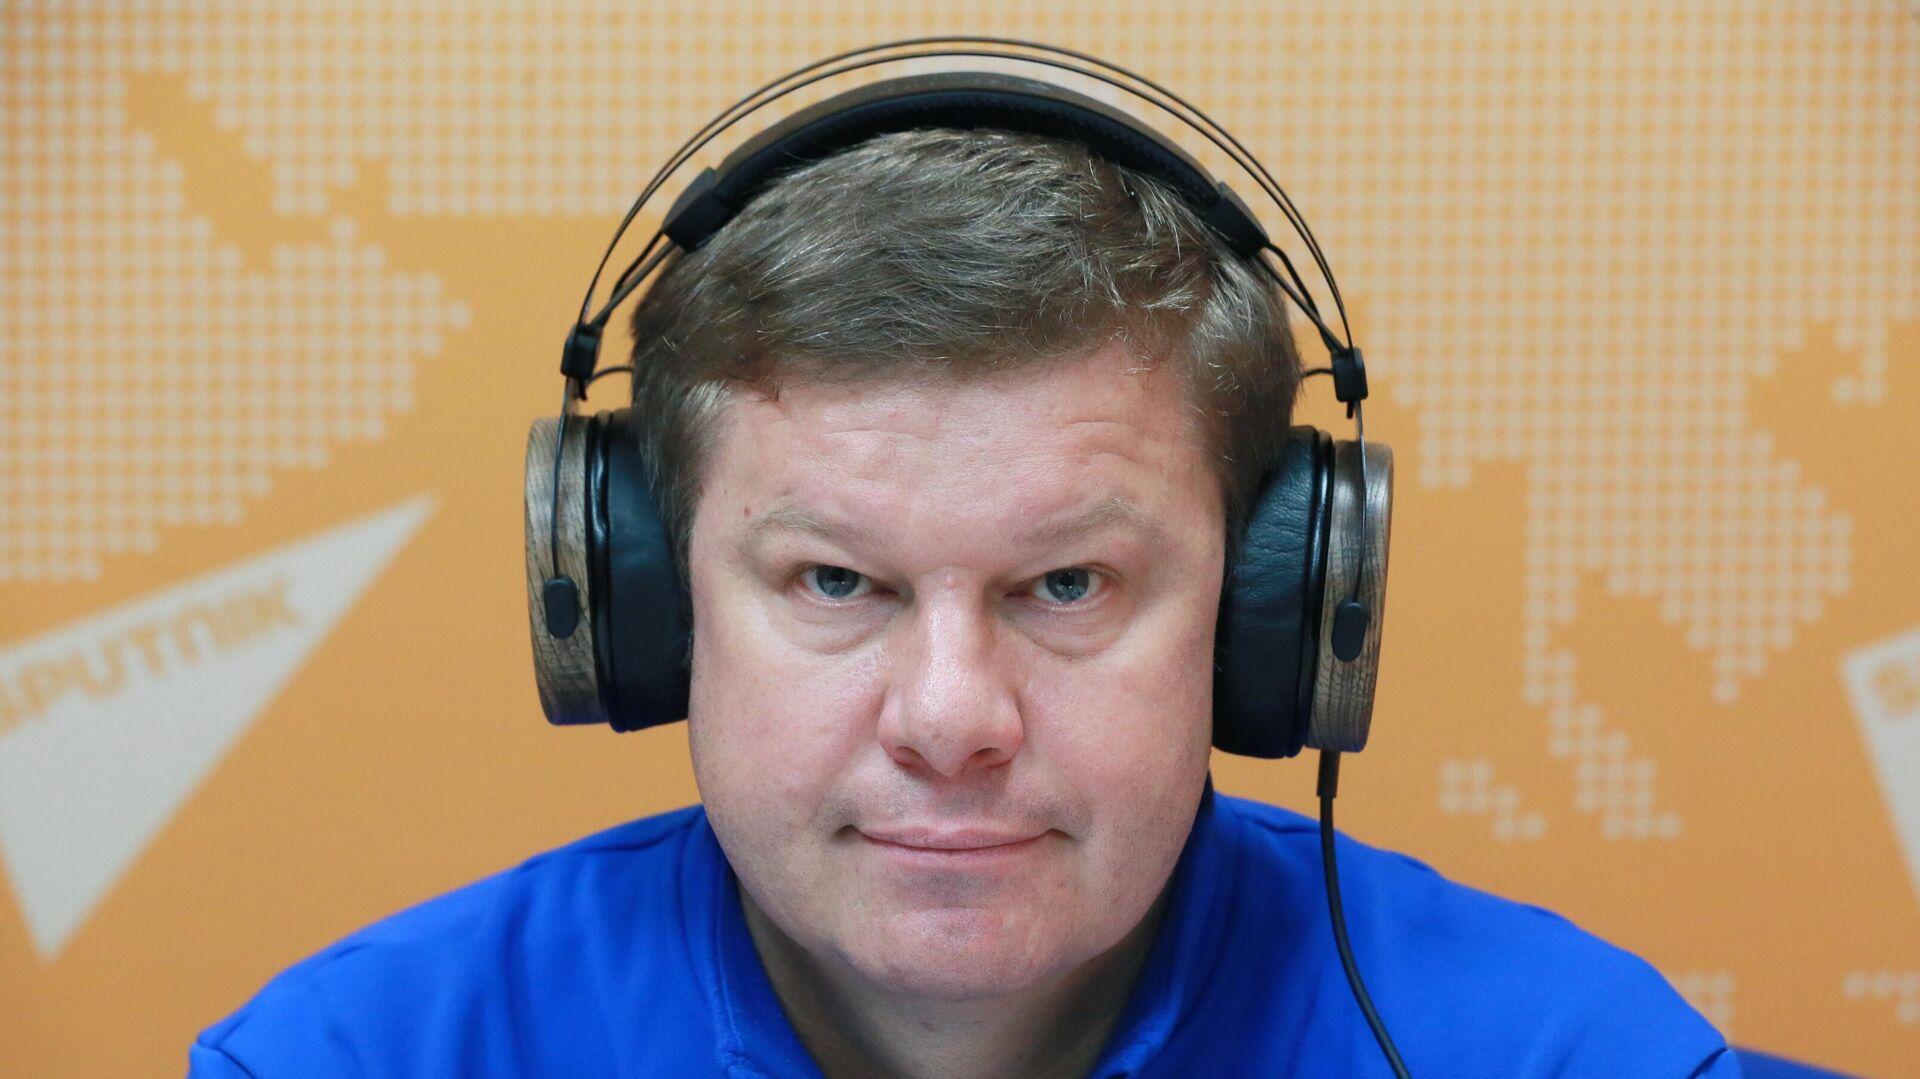 Телеведущий Дмитрий Губерниев - РИА Новости, 1920, 25.01.2021